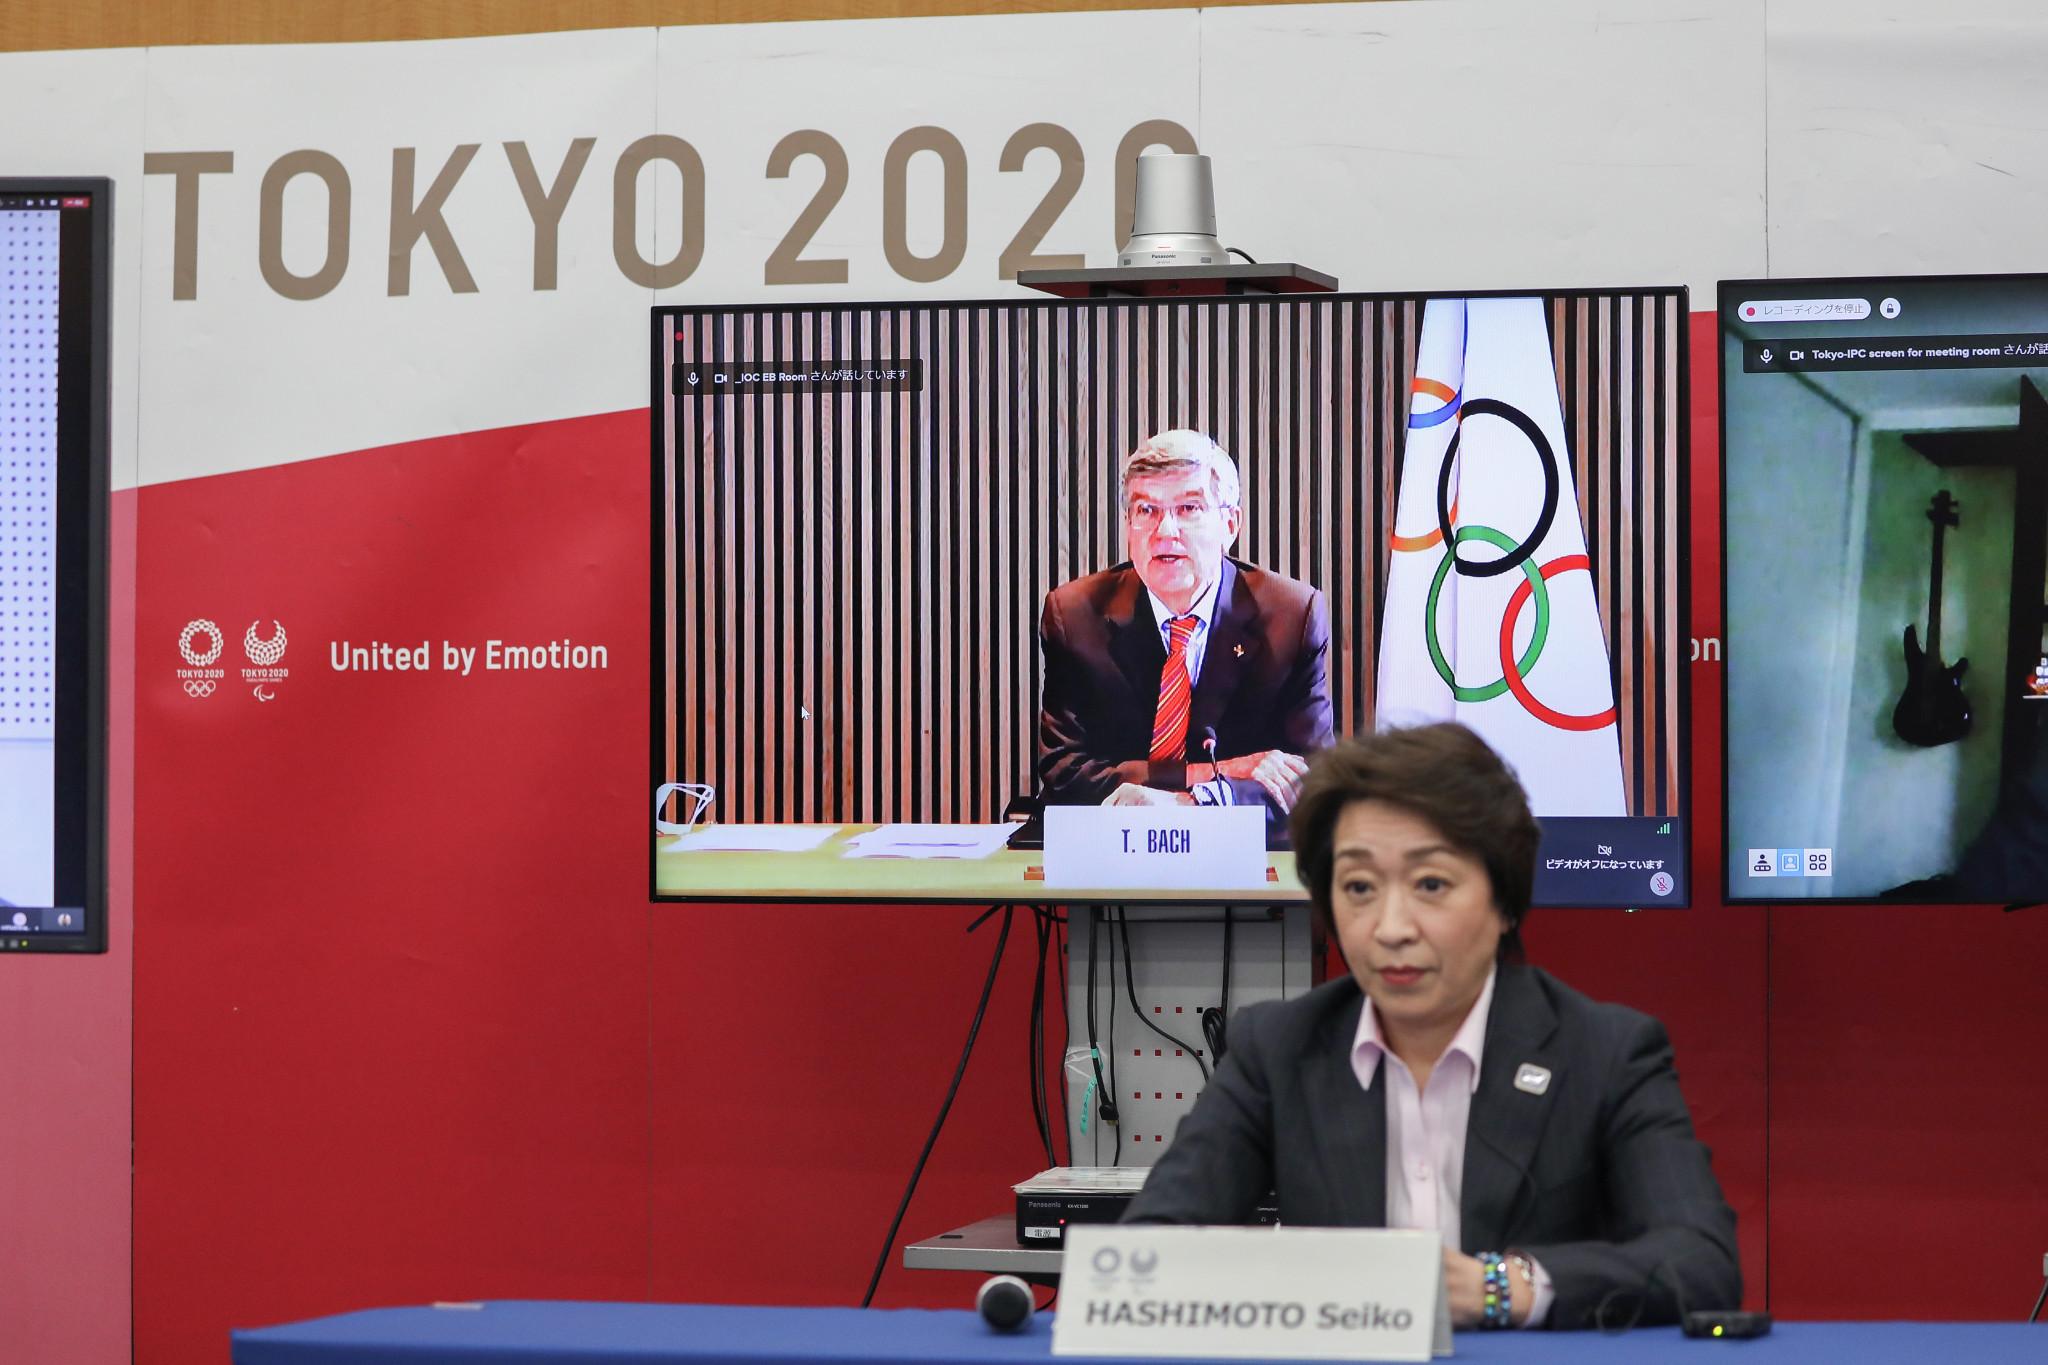 Pudieran requerir que los atletas se sometan a más pruebas de COVID-19 en Tokio 2020